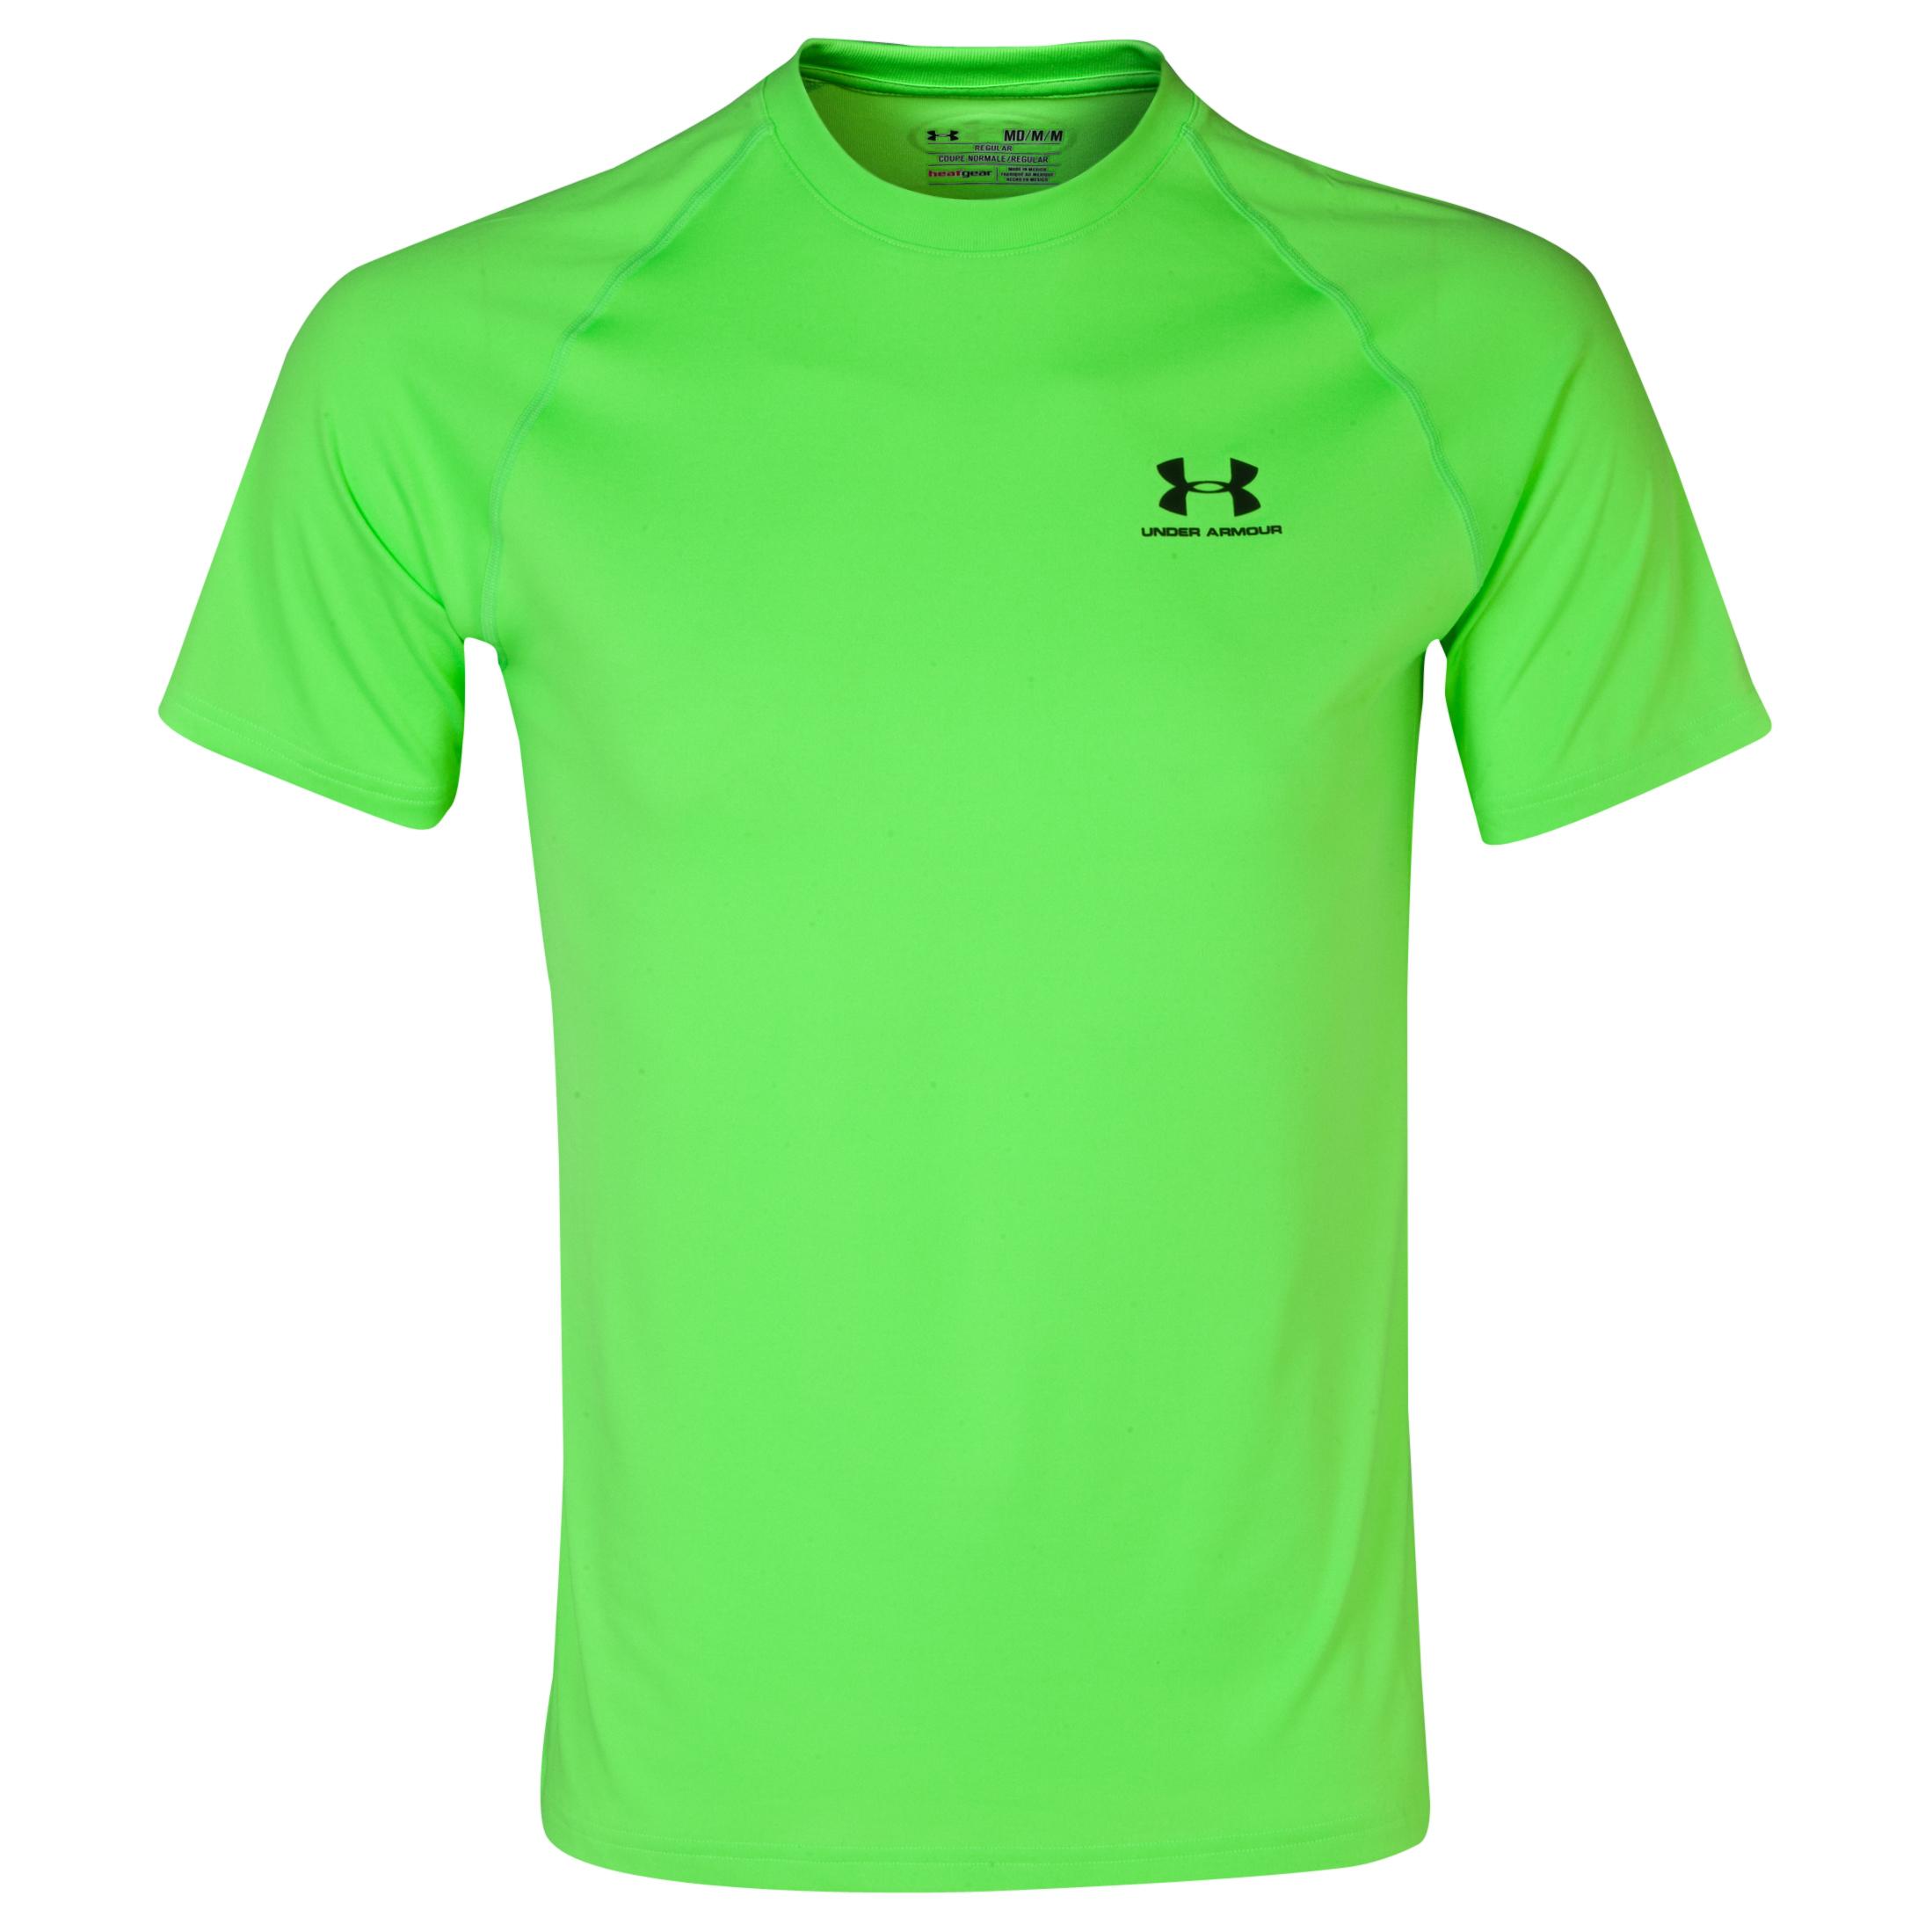 Under Armour Tech T-Shirt Green